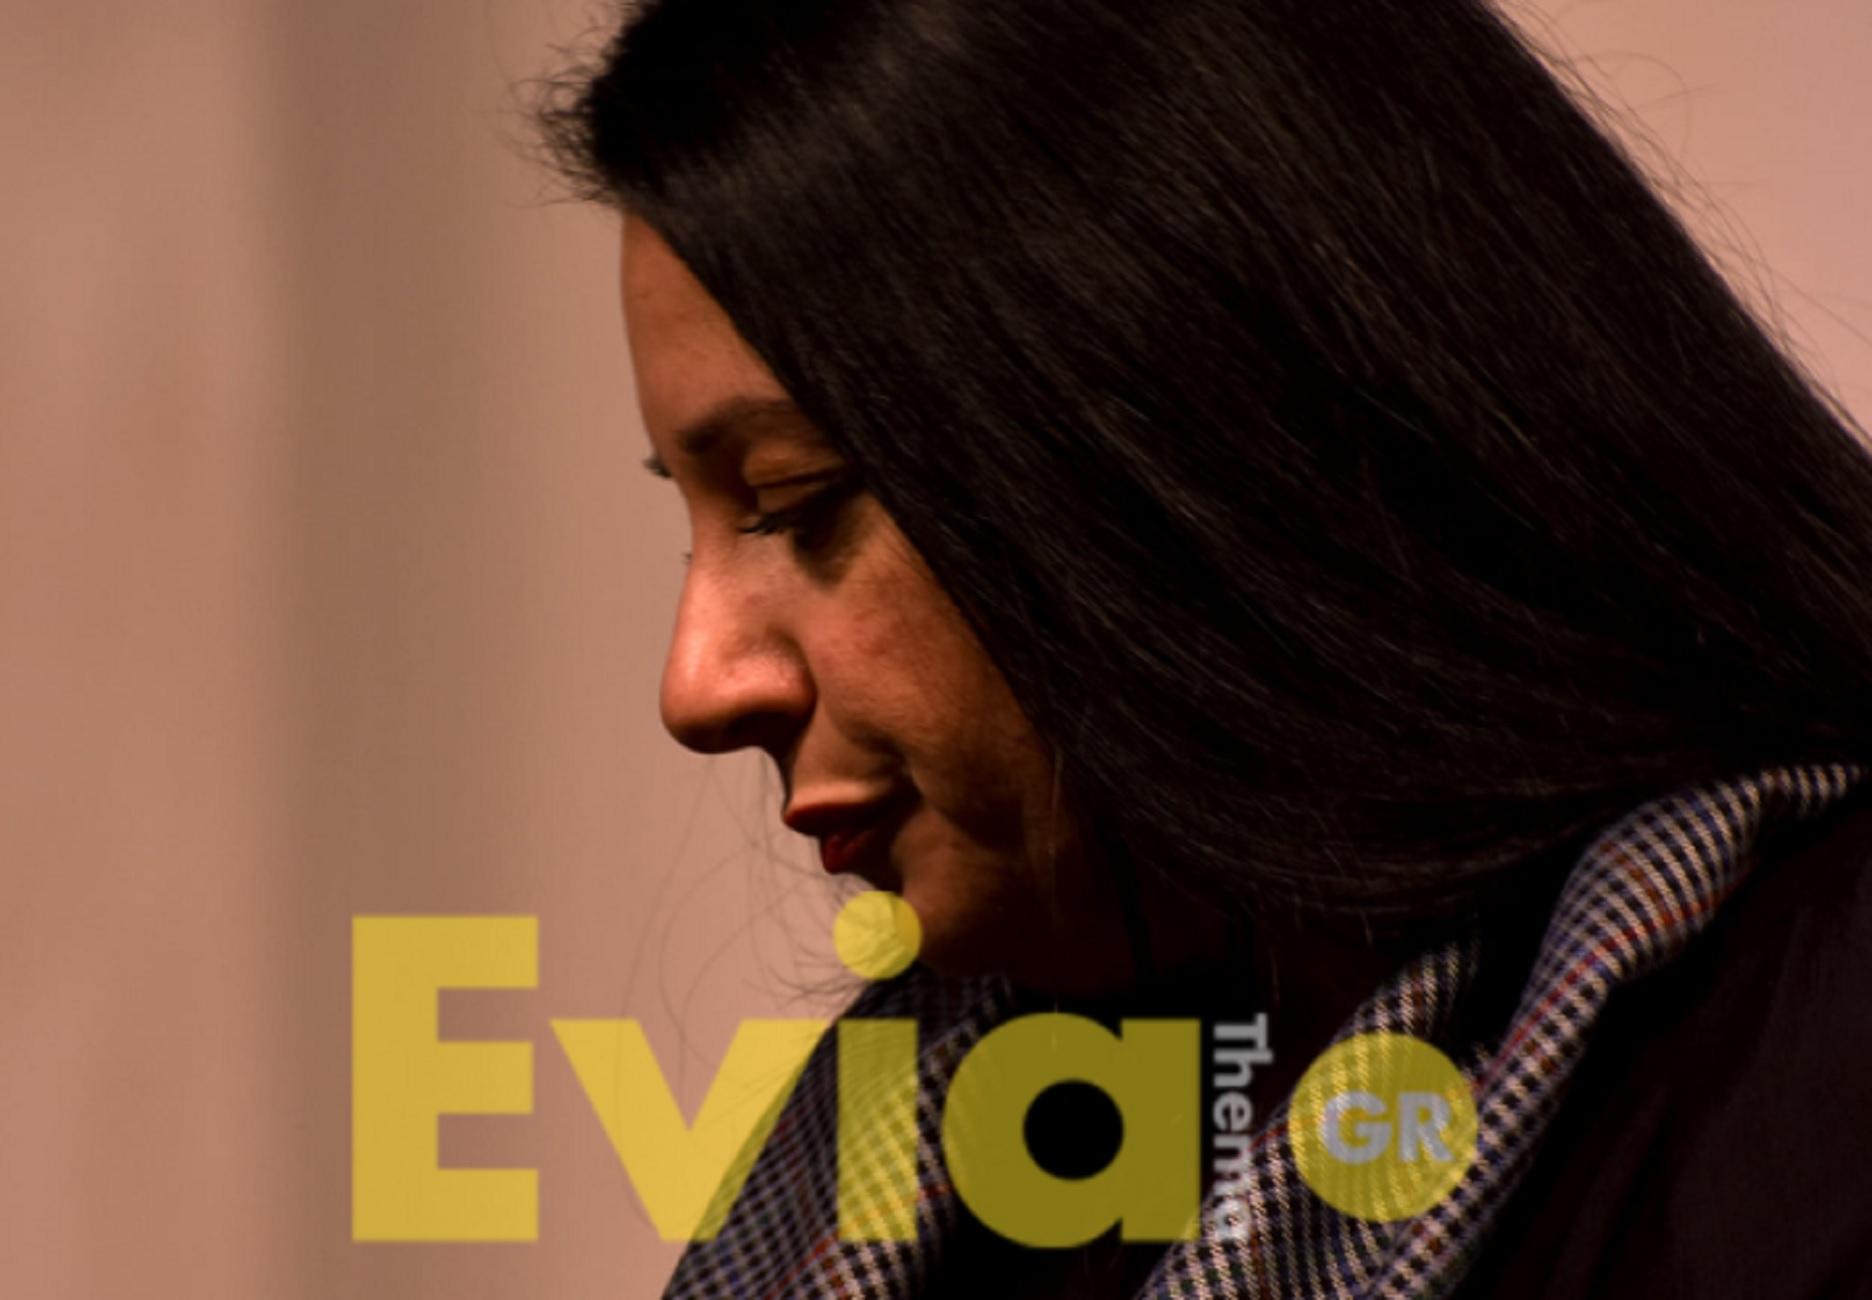 Εύβοια: Πέθανε από κορονοϊό η Ελένη Κουτσοπάκη – Θλίψη στη Χαλκίδα για την άτυχη καθηγήτρια